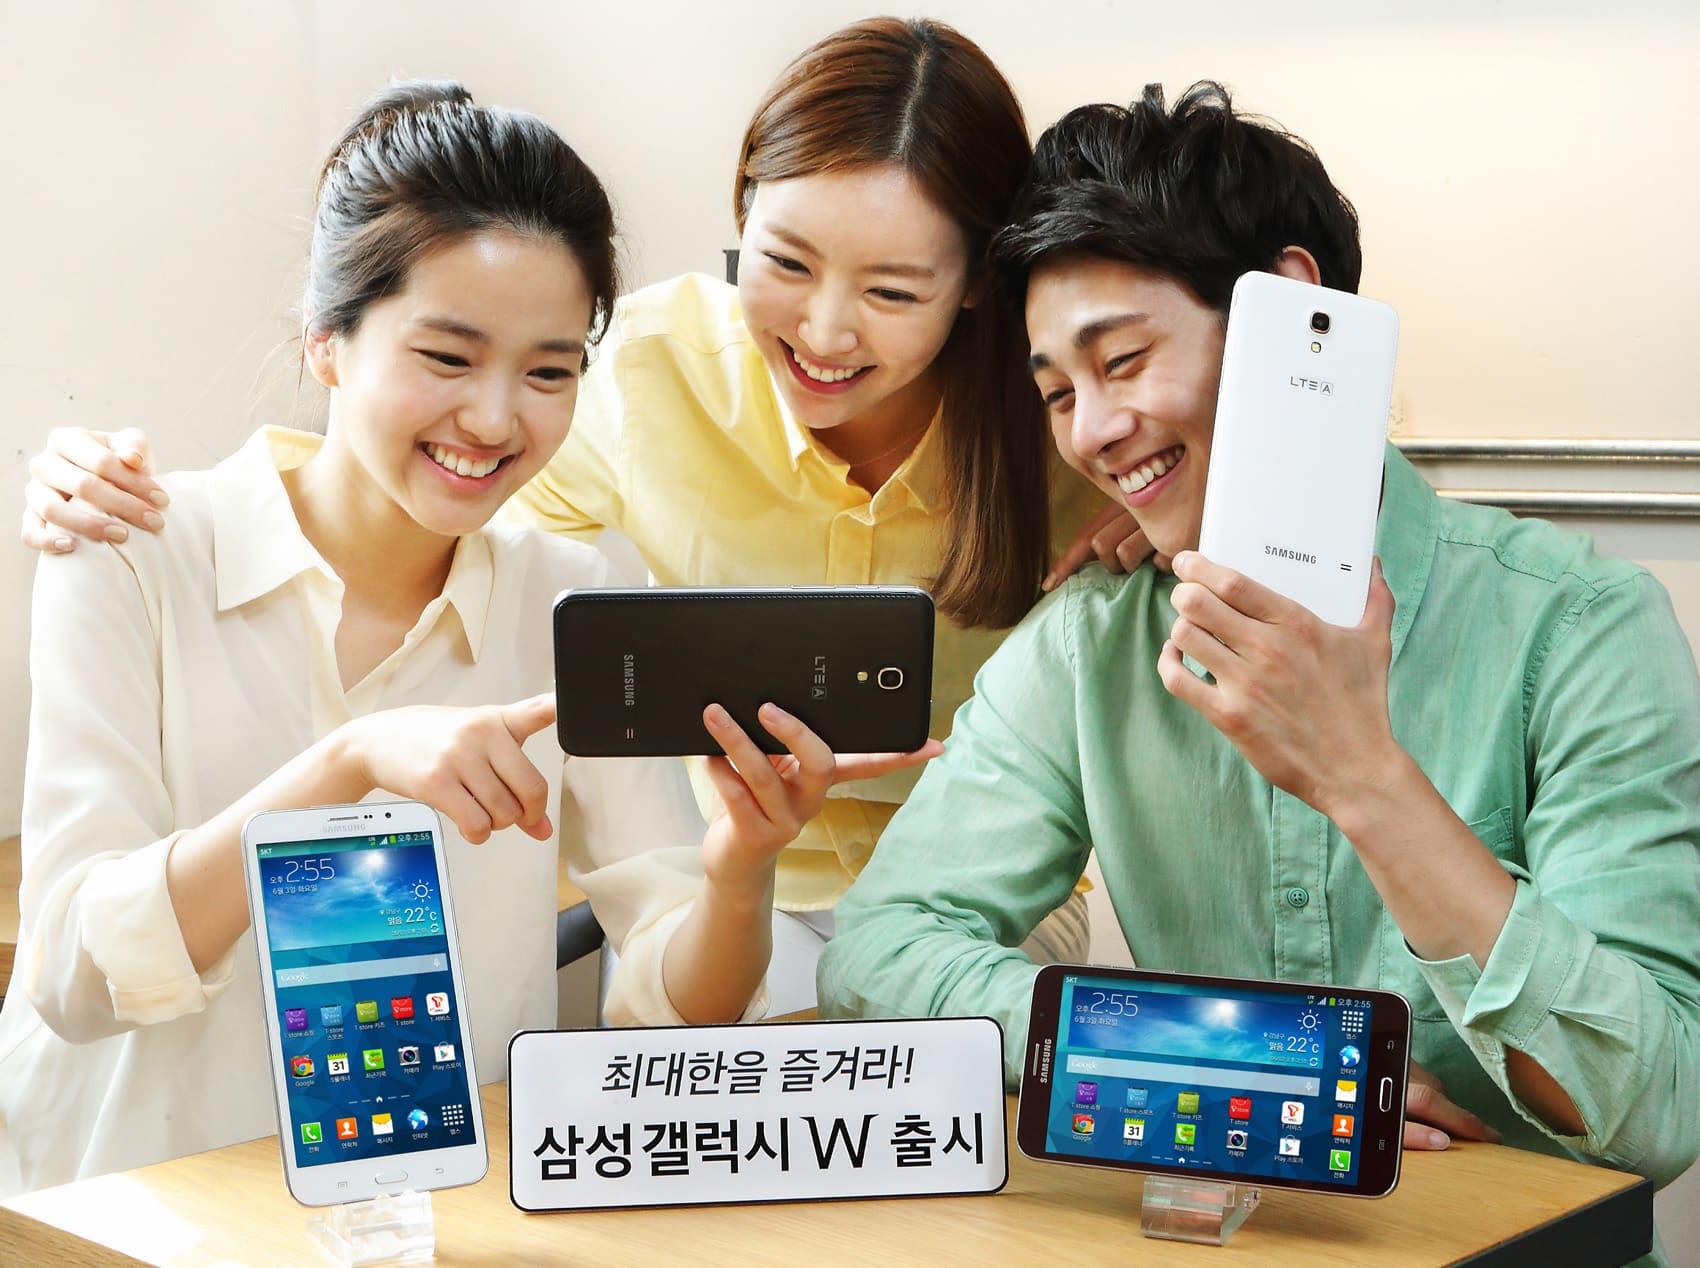 Samsung lanzará en Corea el Galaxy W, su phablet de 7 pulgadas.